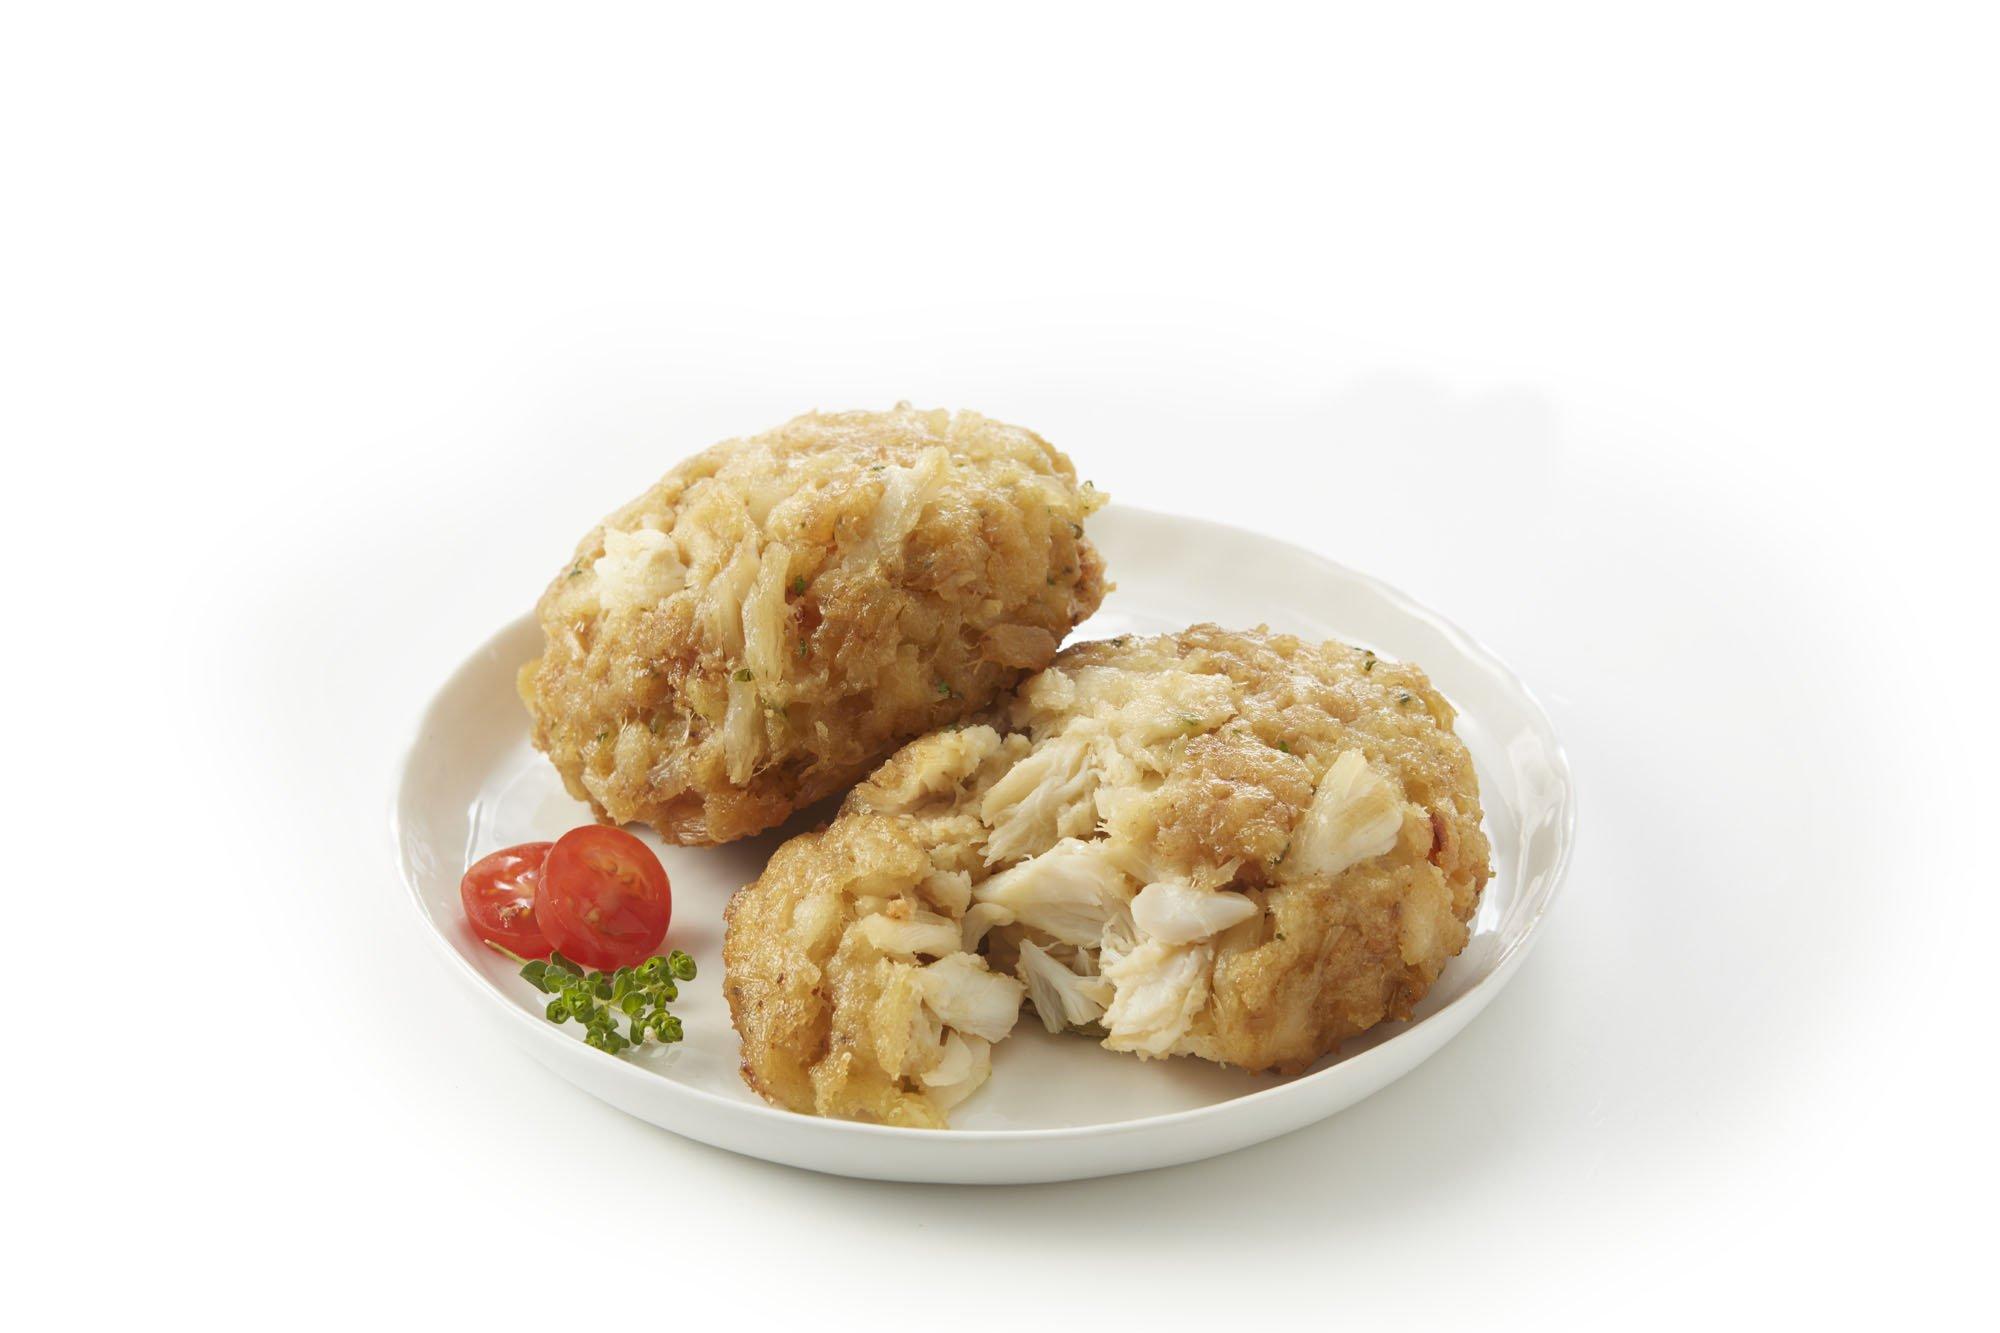 Handy Seafood Premium Crab Cakes (4 OZ./12 CT.)